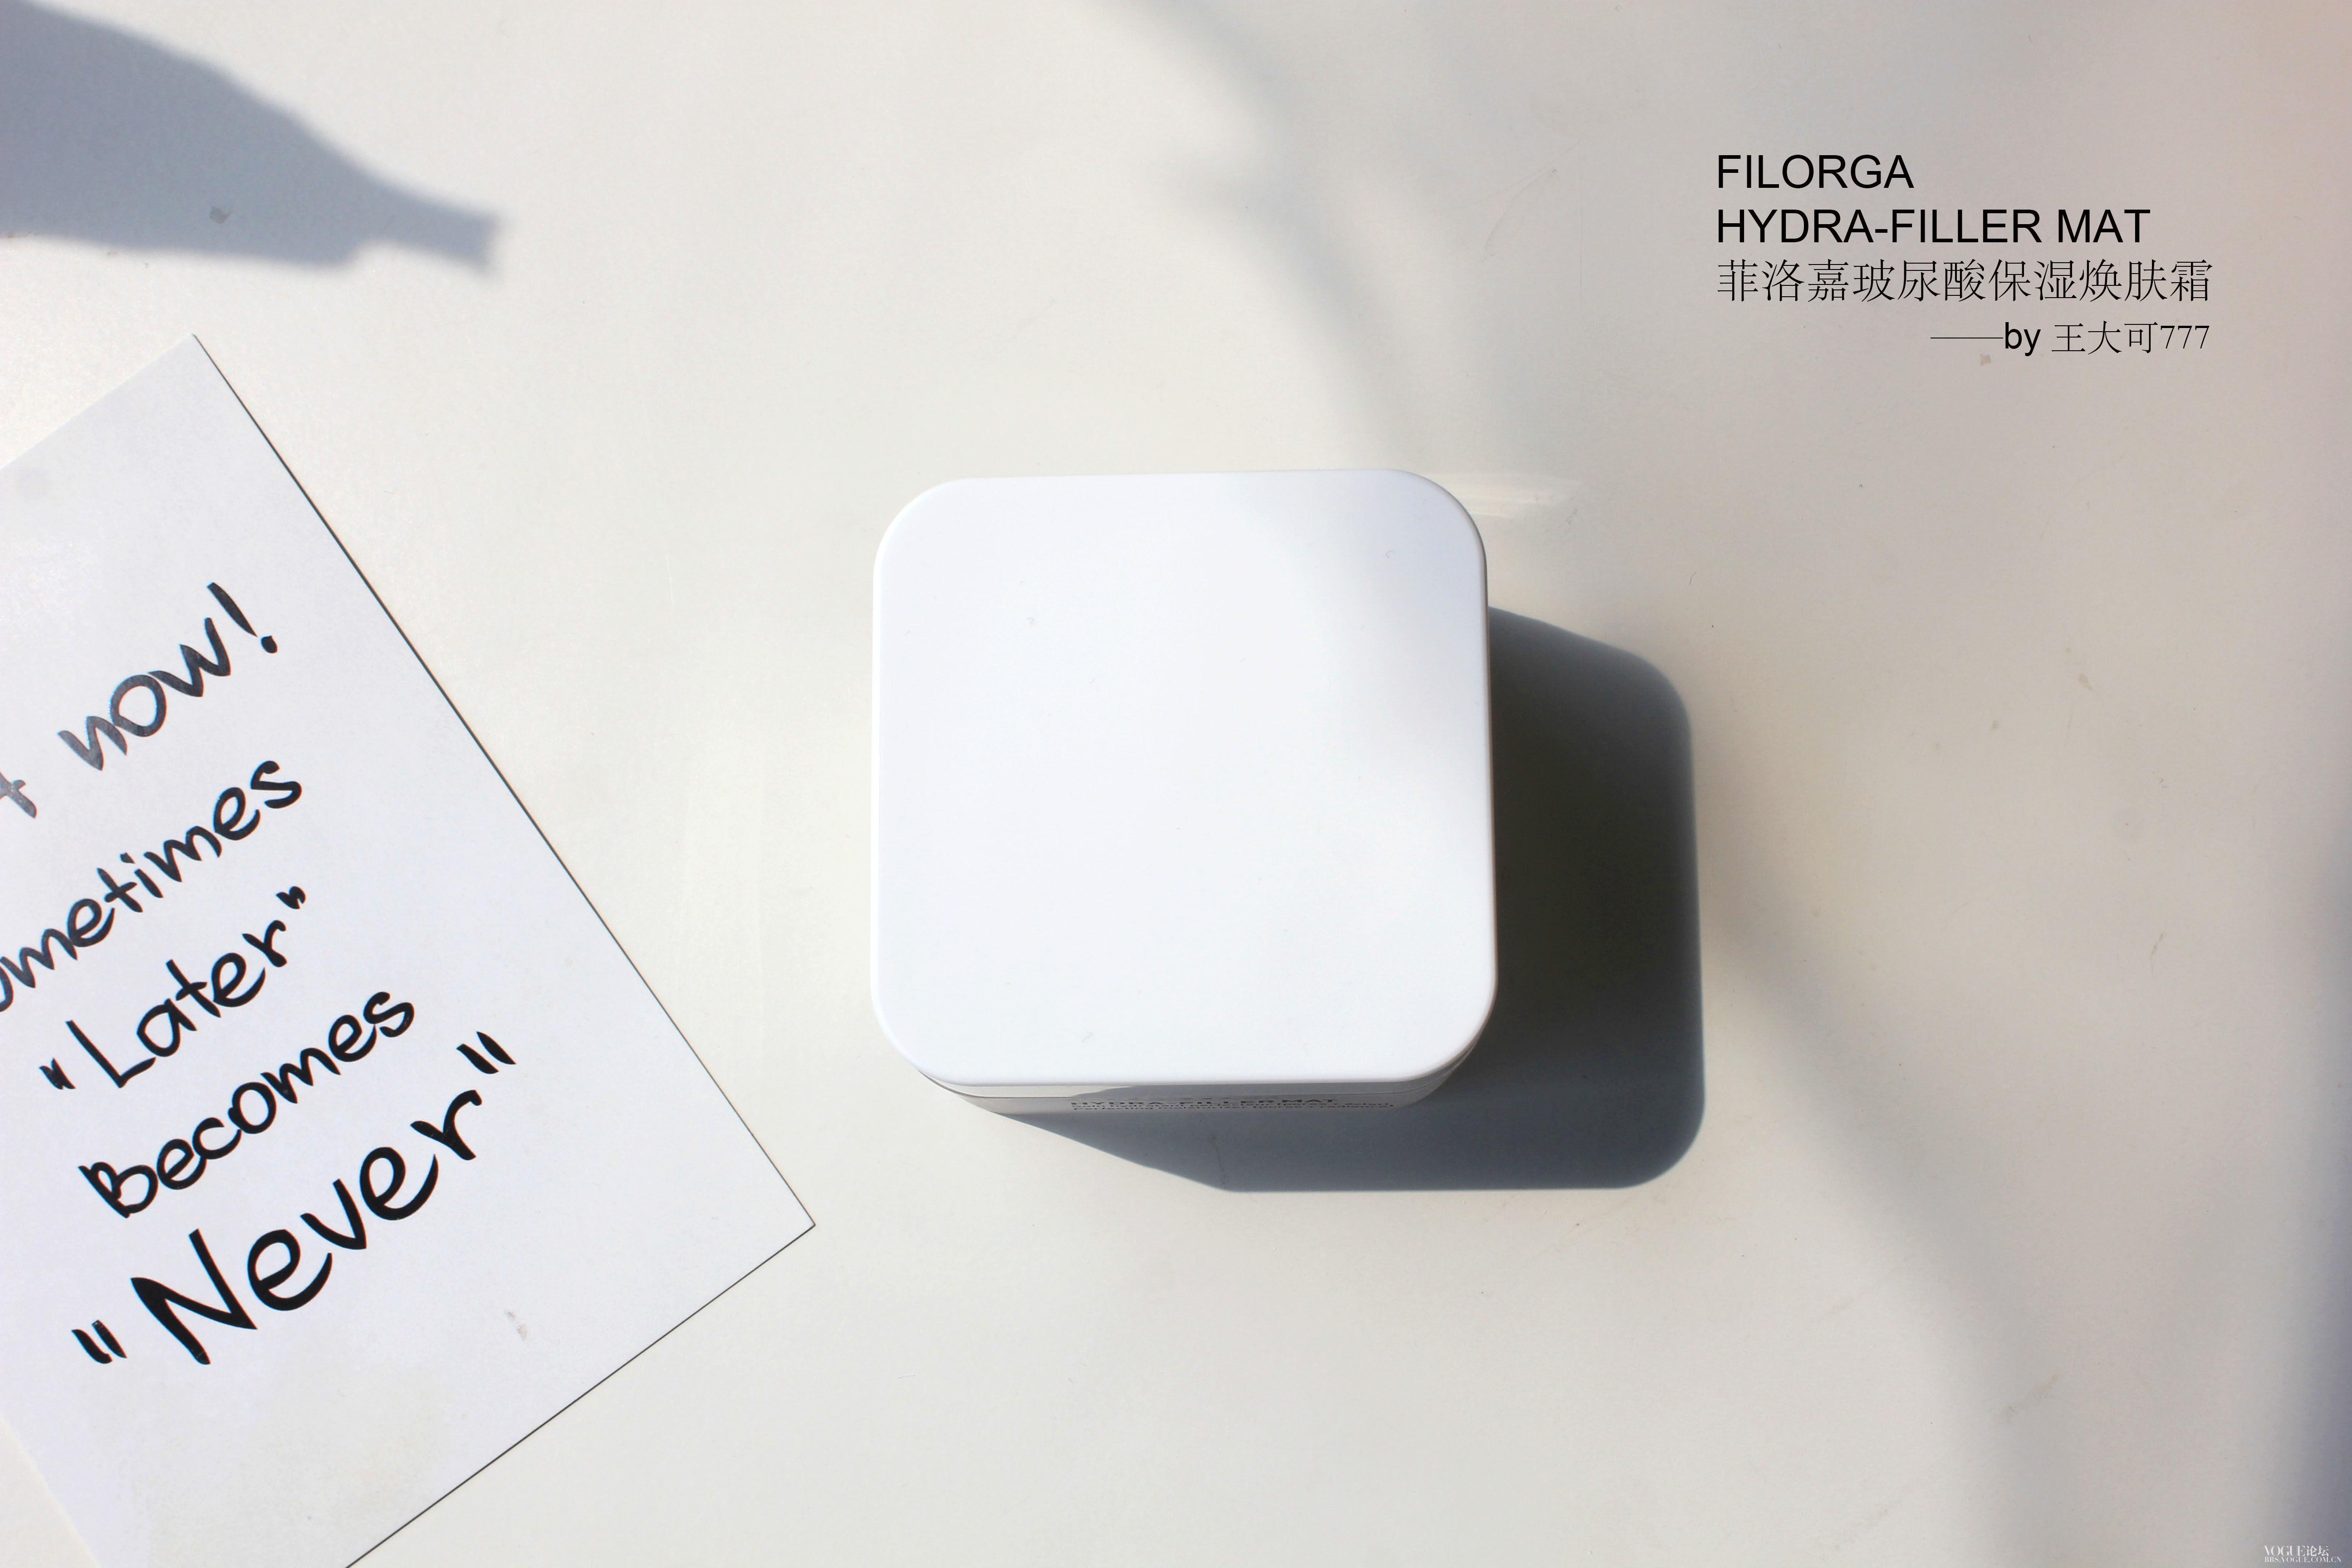 菲洛嘉-原-2.jpg